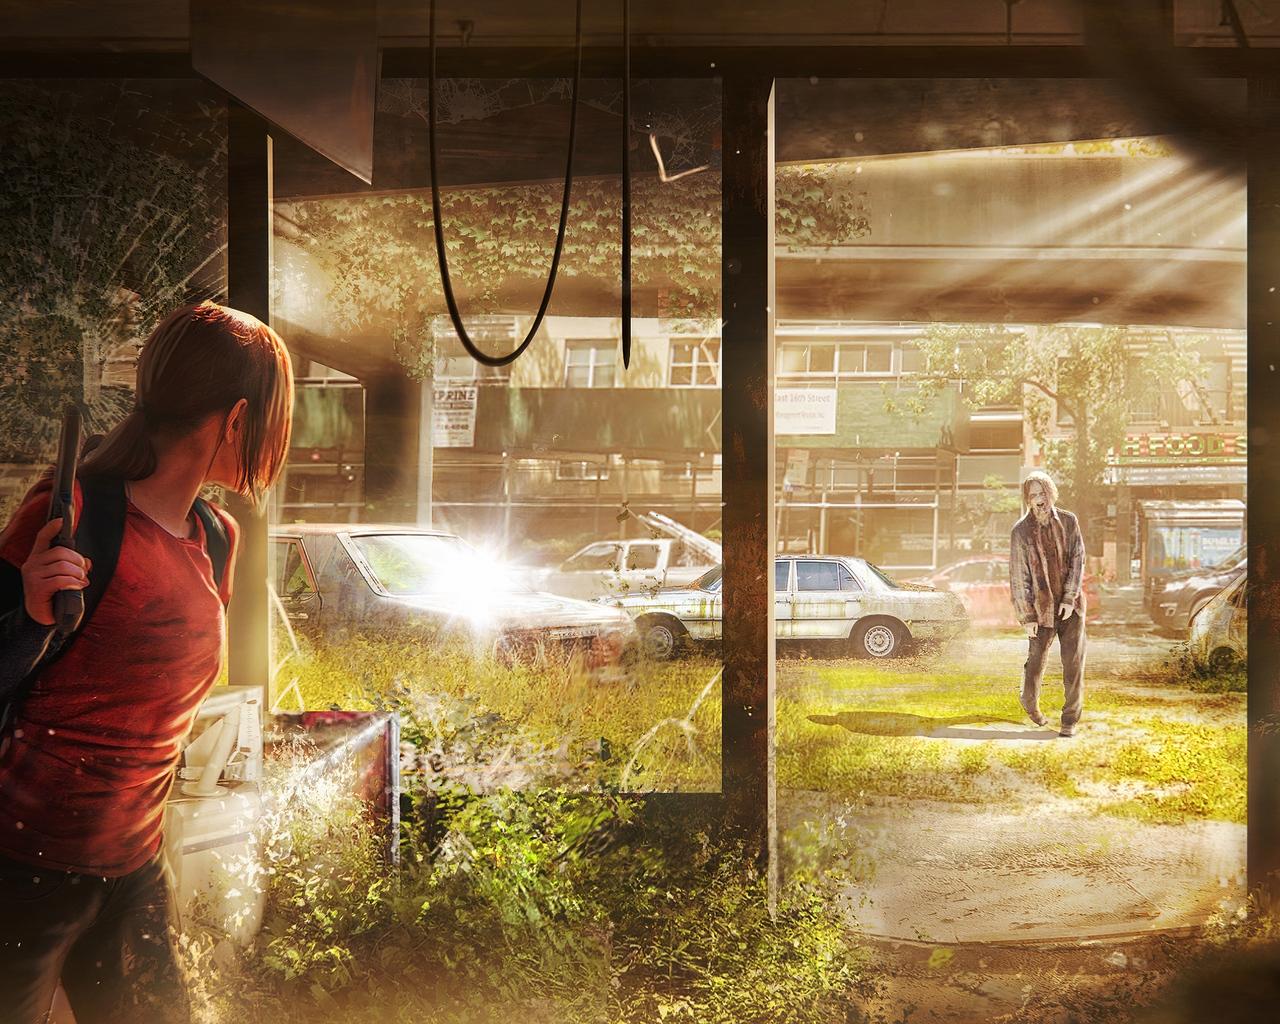 1280x1024 The Last Of Us Part Ii 4k 2019 1280x1024 Resolution Hd